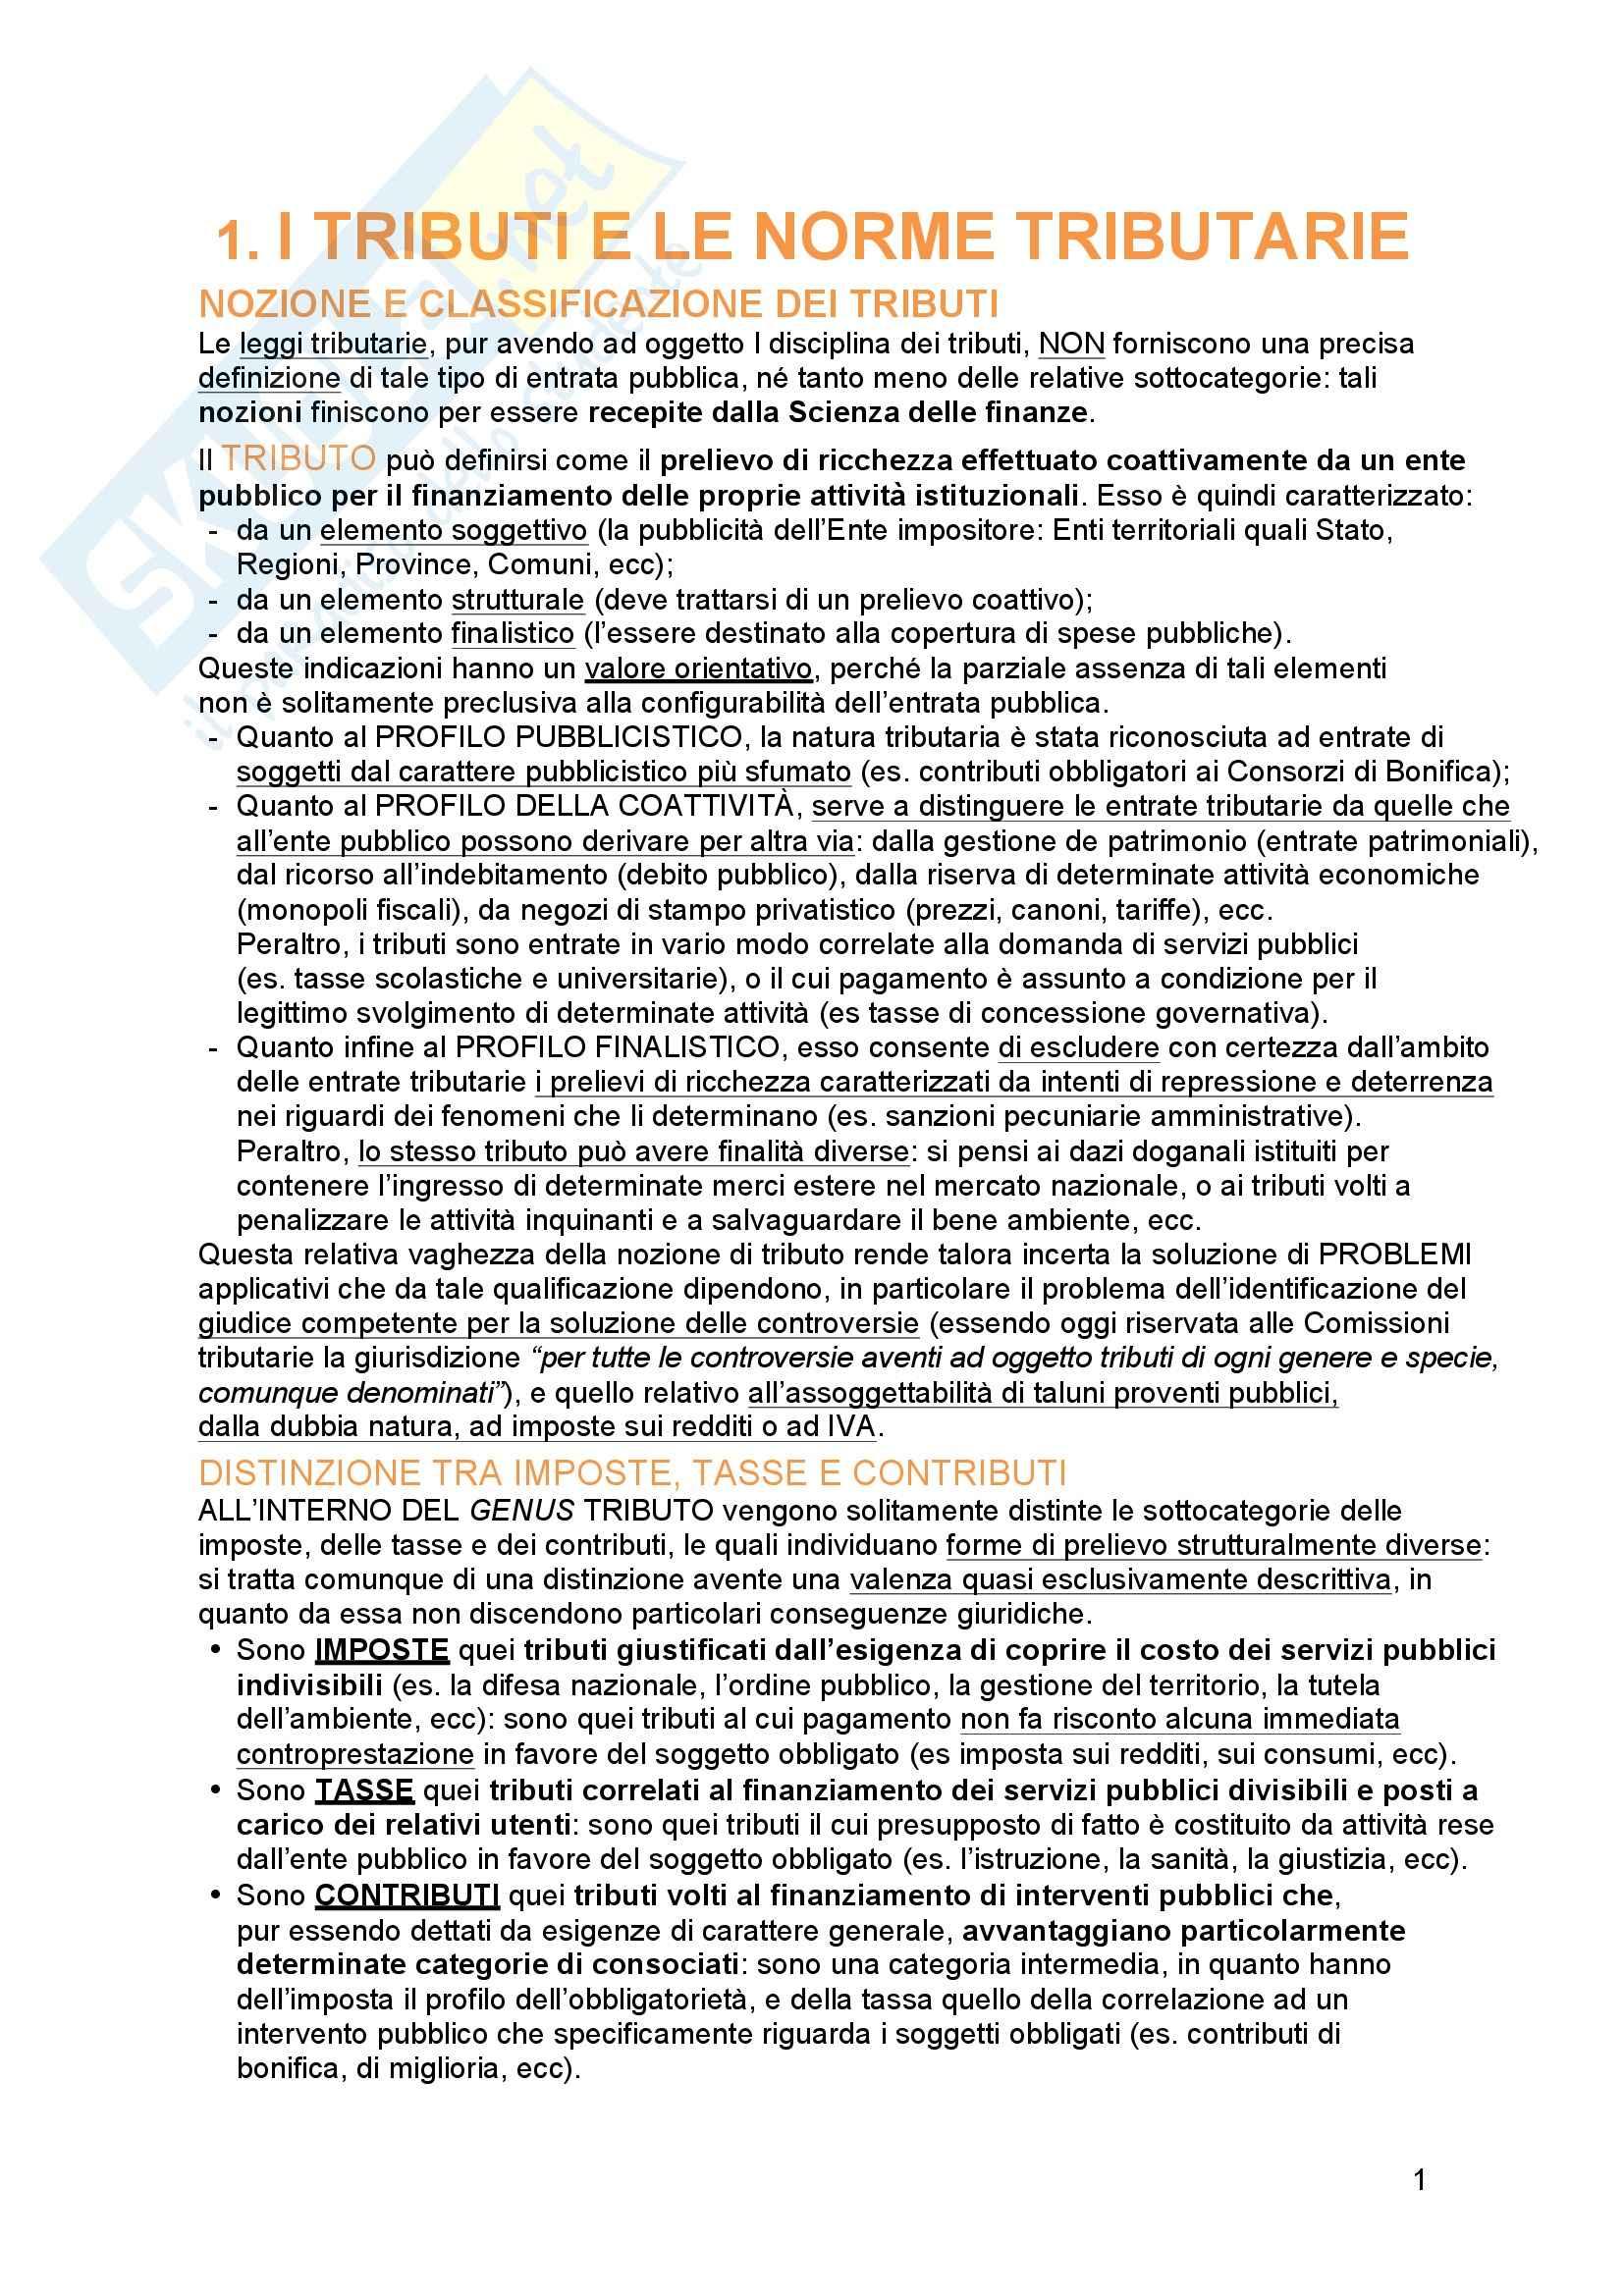 appunto S. Messina Diritto tributario